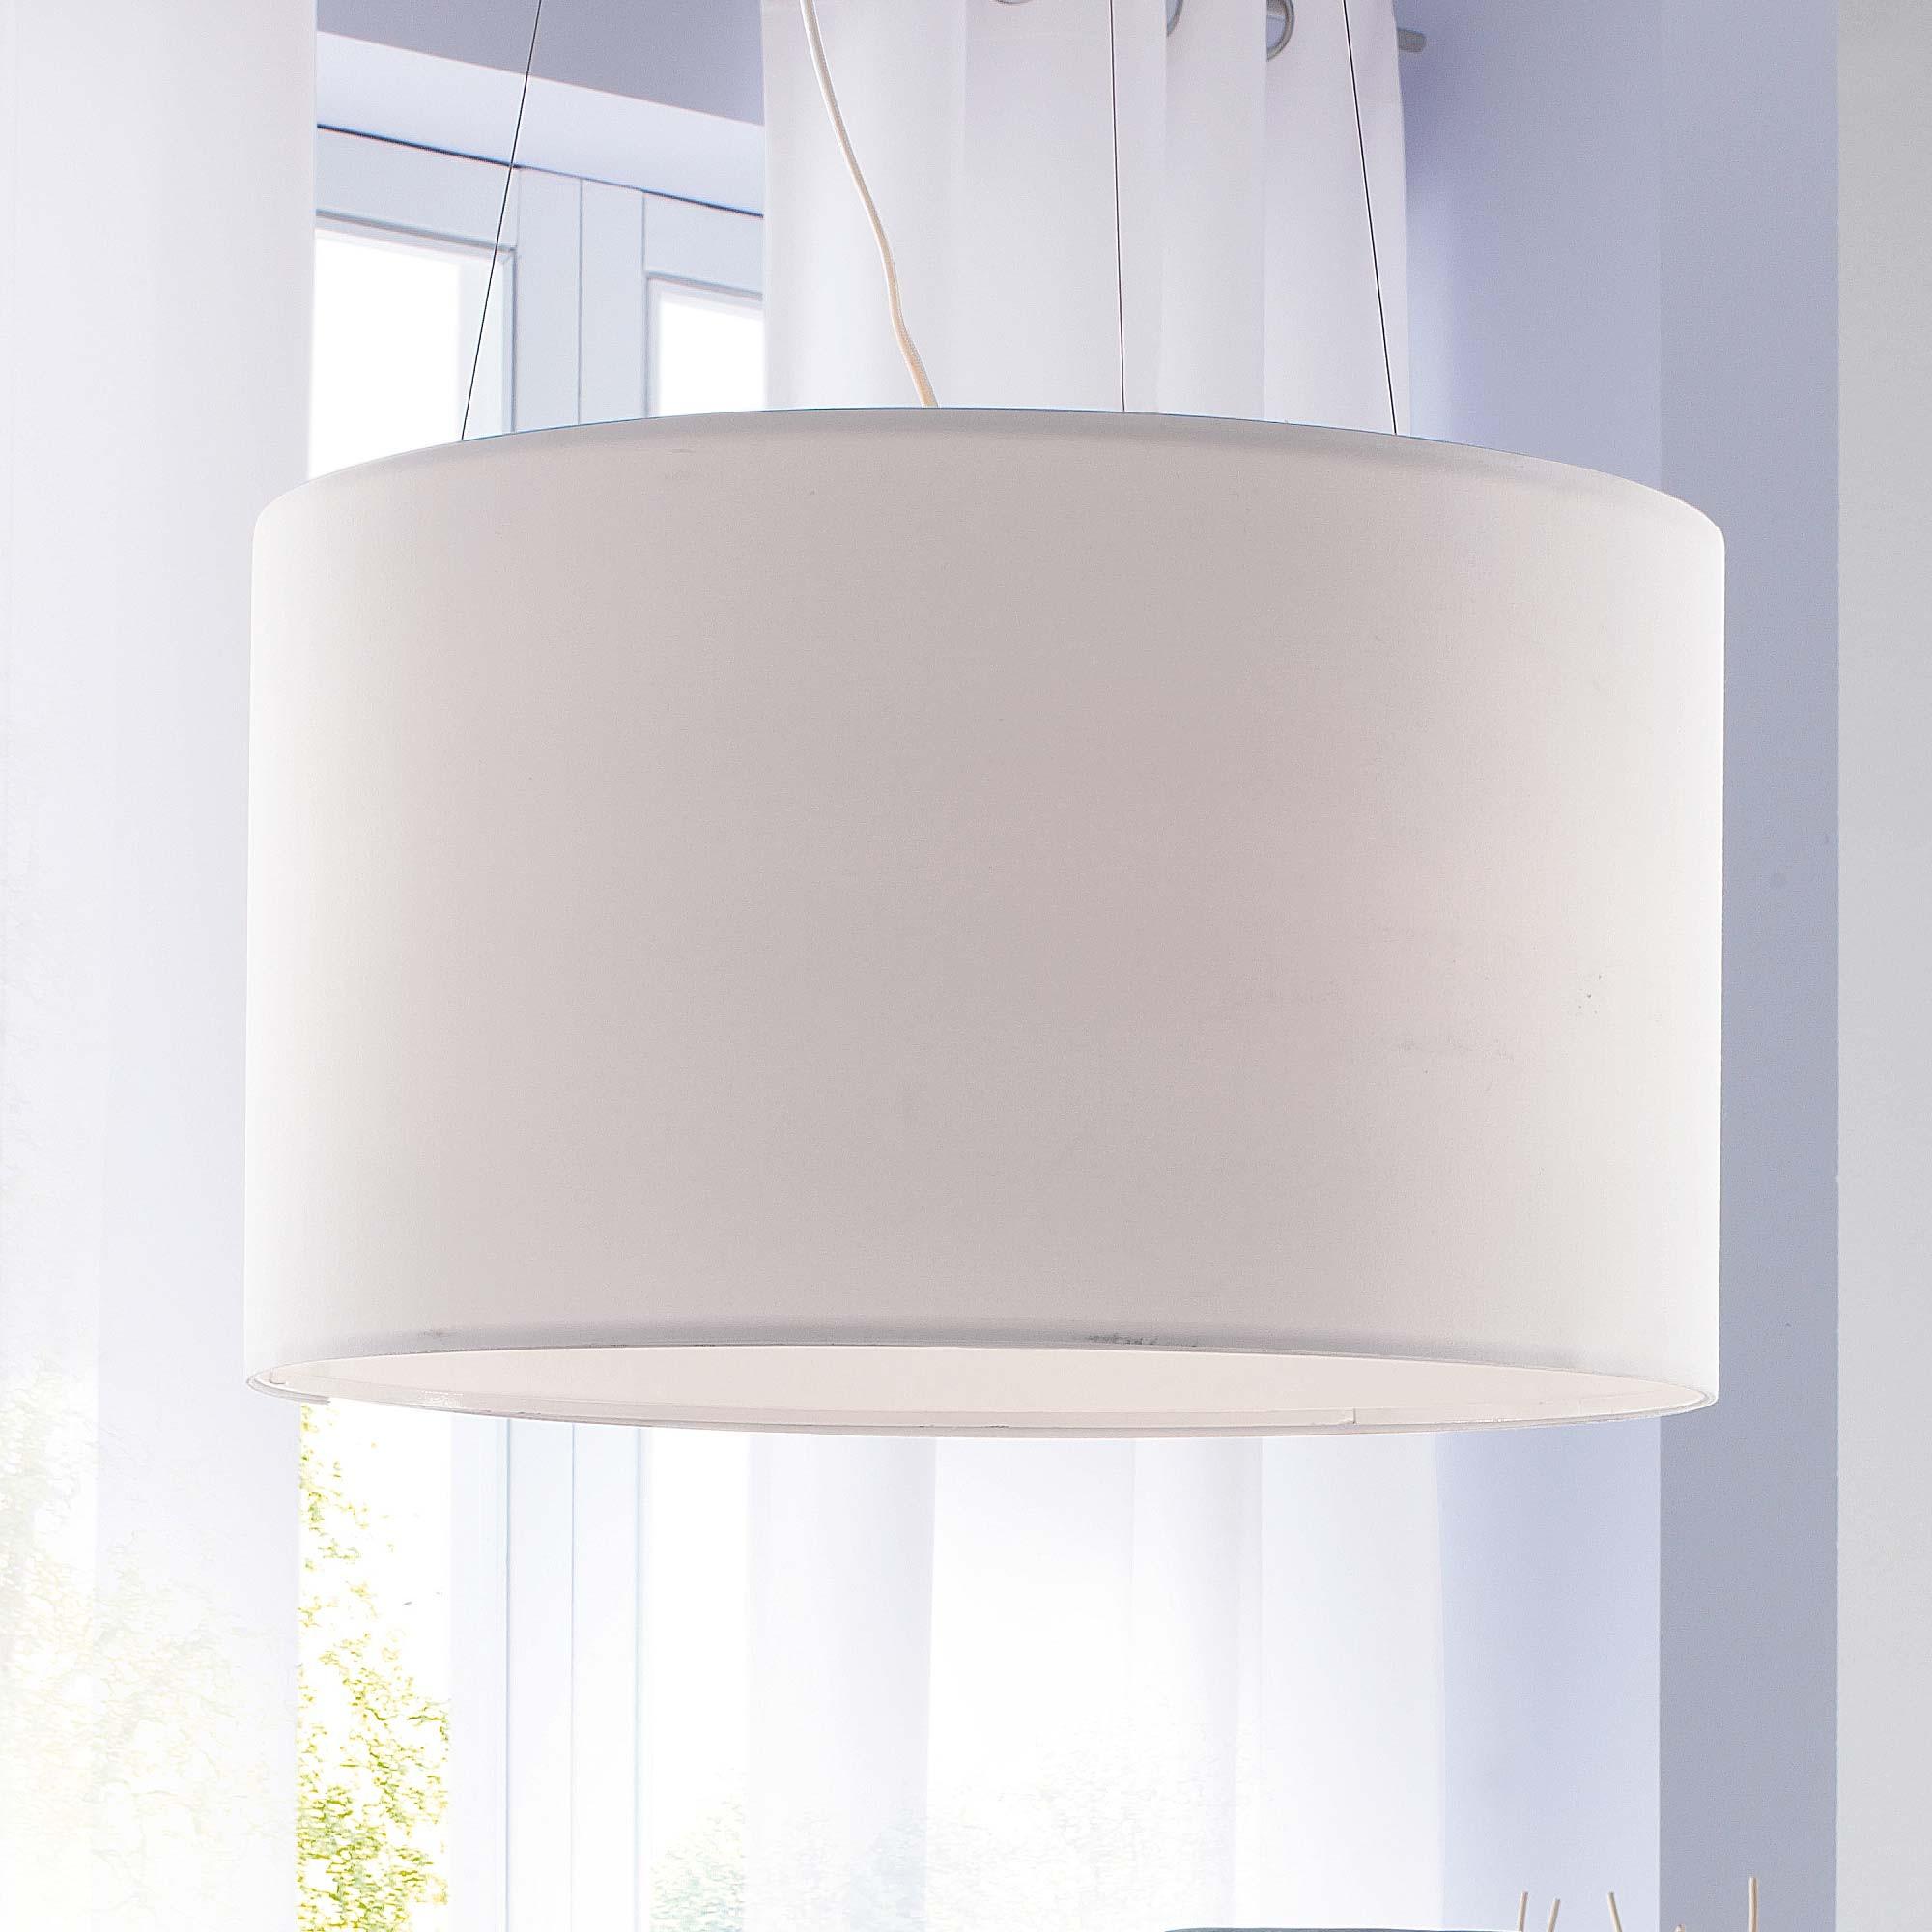 Full Size of Deckenleuchte Schlafzimmer Modern Moderne Lampe Deckenlampe Komplett Weiß Esstische Schrank Stehlampe Wohnzimmer Deckenleuchten Teppich Lampen Landhausstil Schlafzimmer Deckenleuchte Schlafzimmer Modern